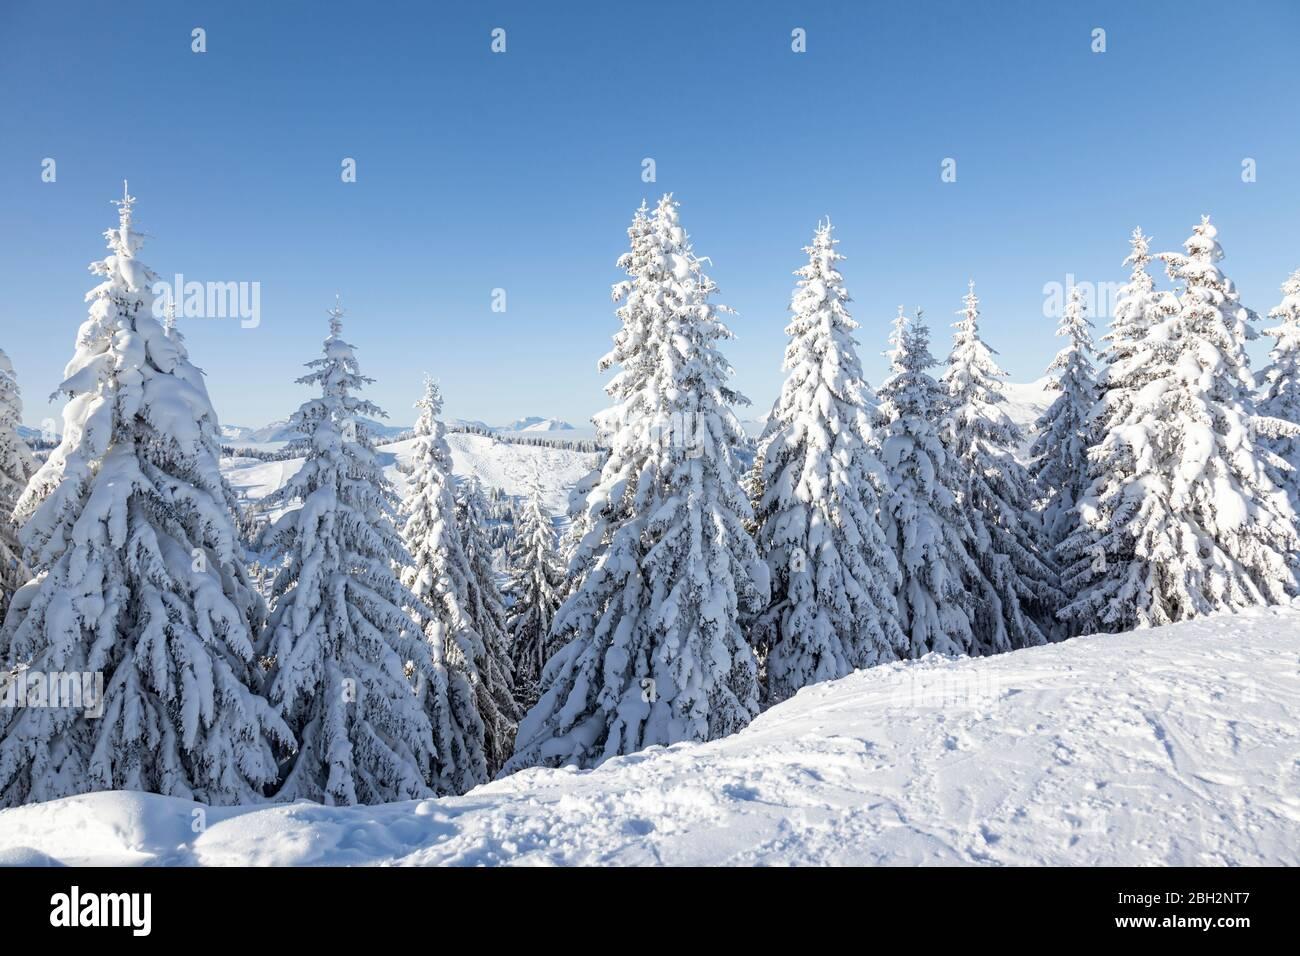 Arbres de sapin recouverts de neige épaisse et fraîche aux Gets, France. Banque D'Images